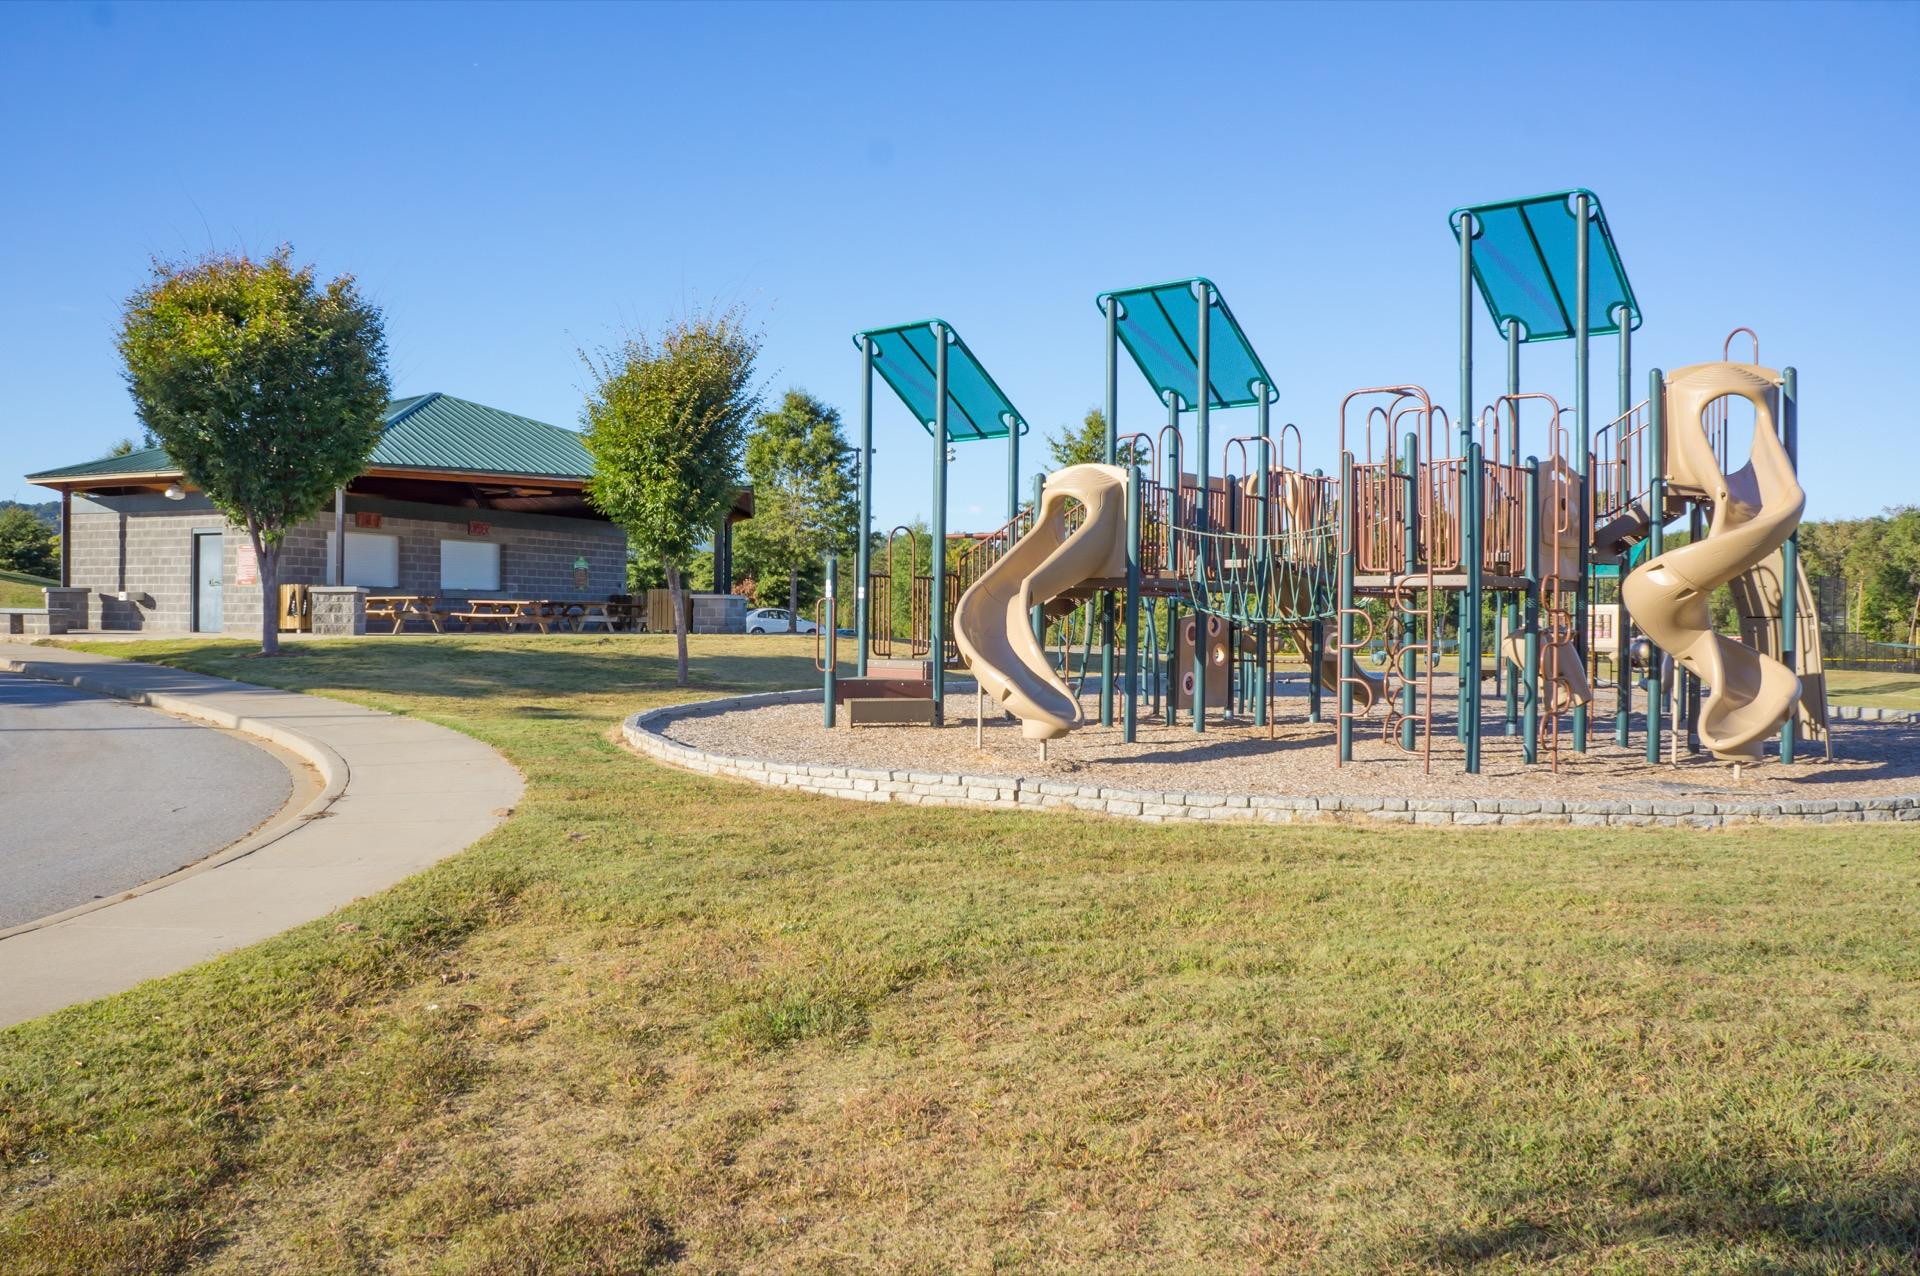 david jackson park playground